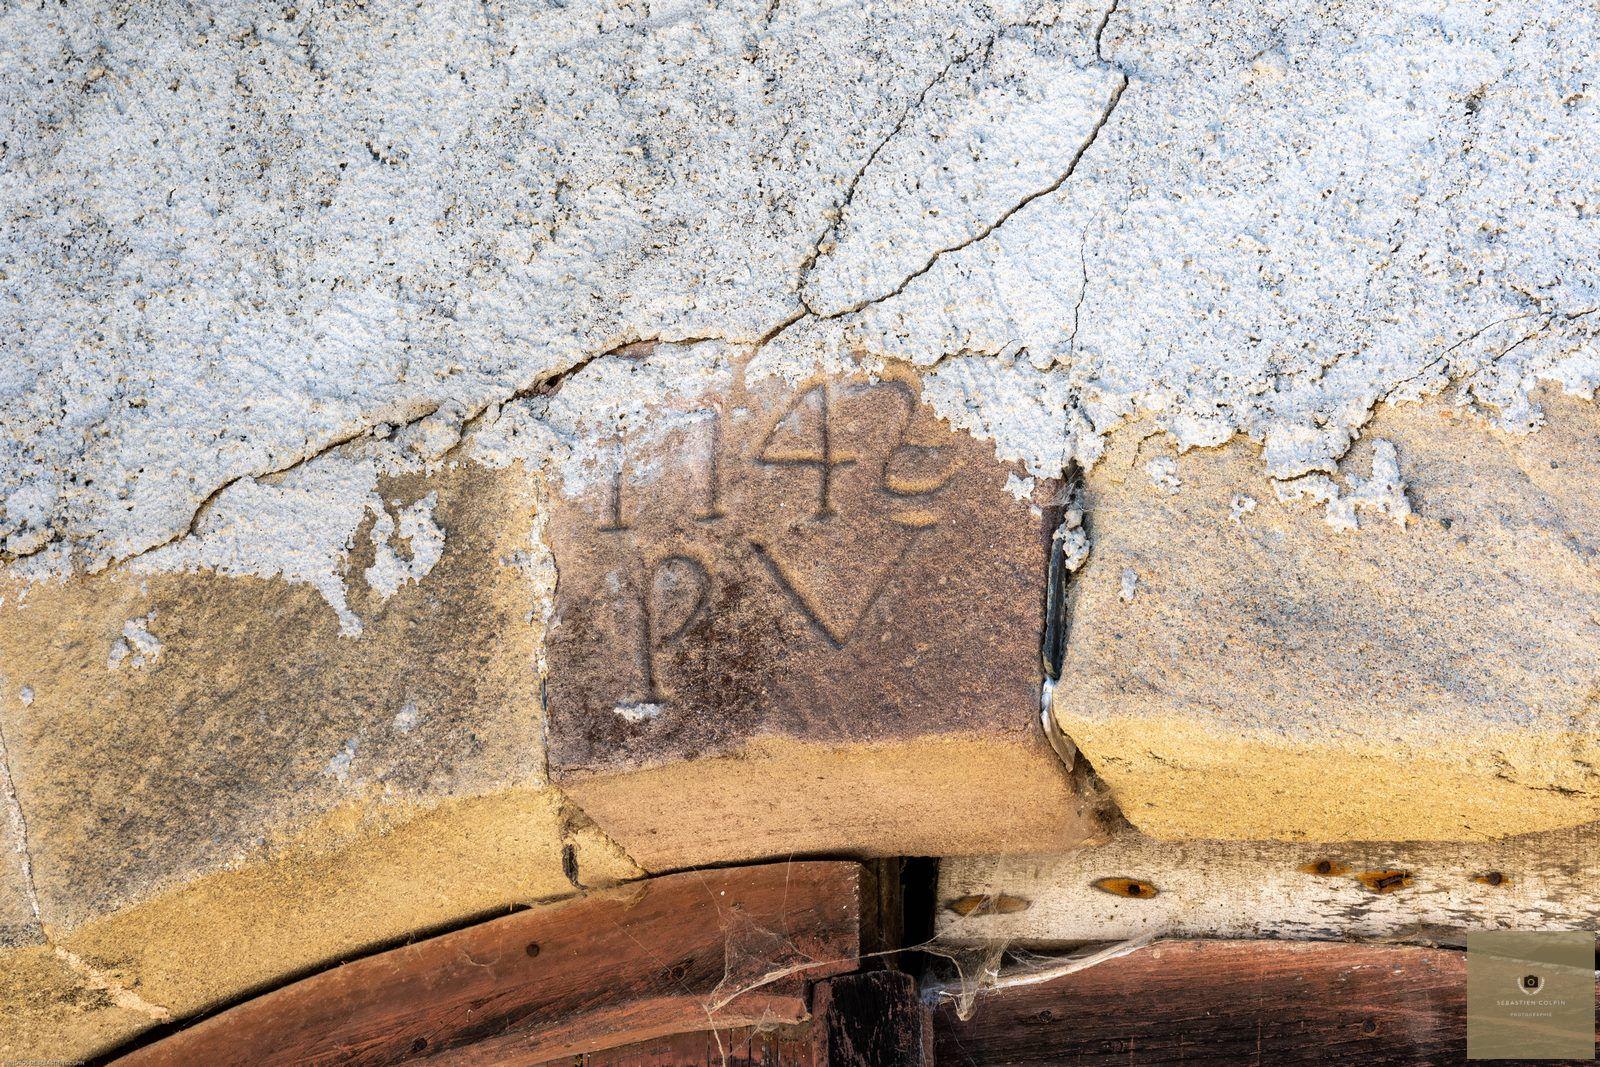 Donzenac, sentier de la rochette et pont celtique